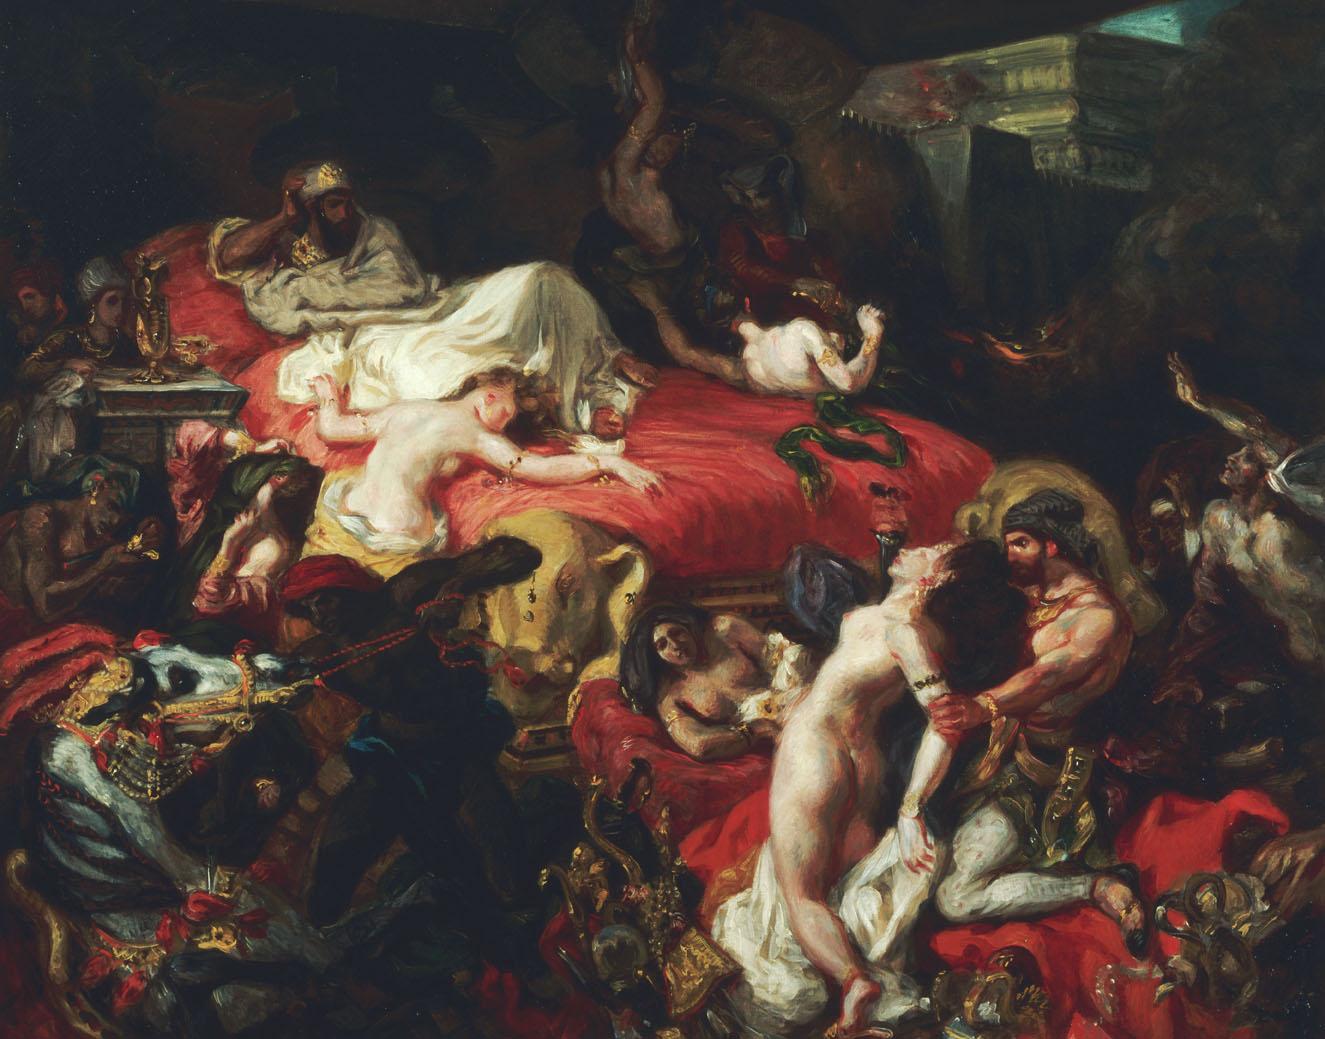 The Death of Sardanapalus, by Eugène Delacroix, 1844. Louvre Museum, Paris, France.